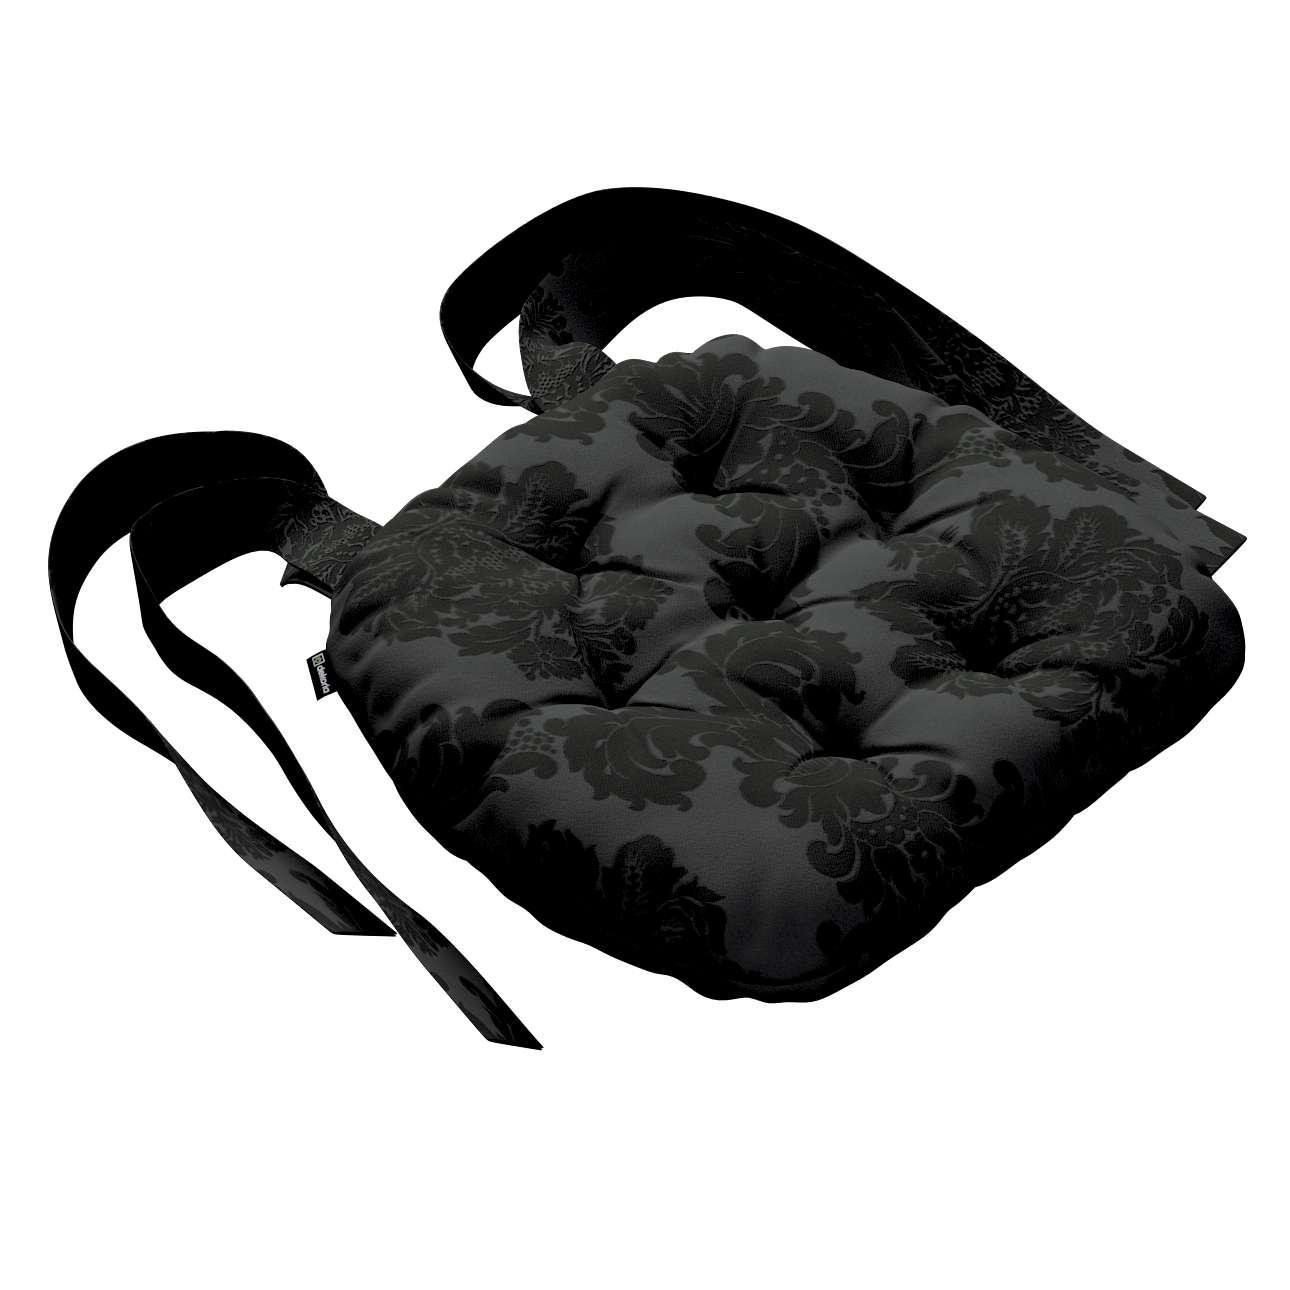 Siedzisko Marcin na krzesło w kolekcji Damasco, tkanina: 613-32